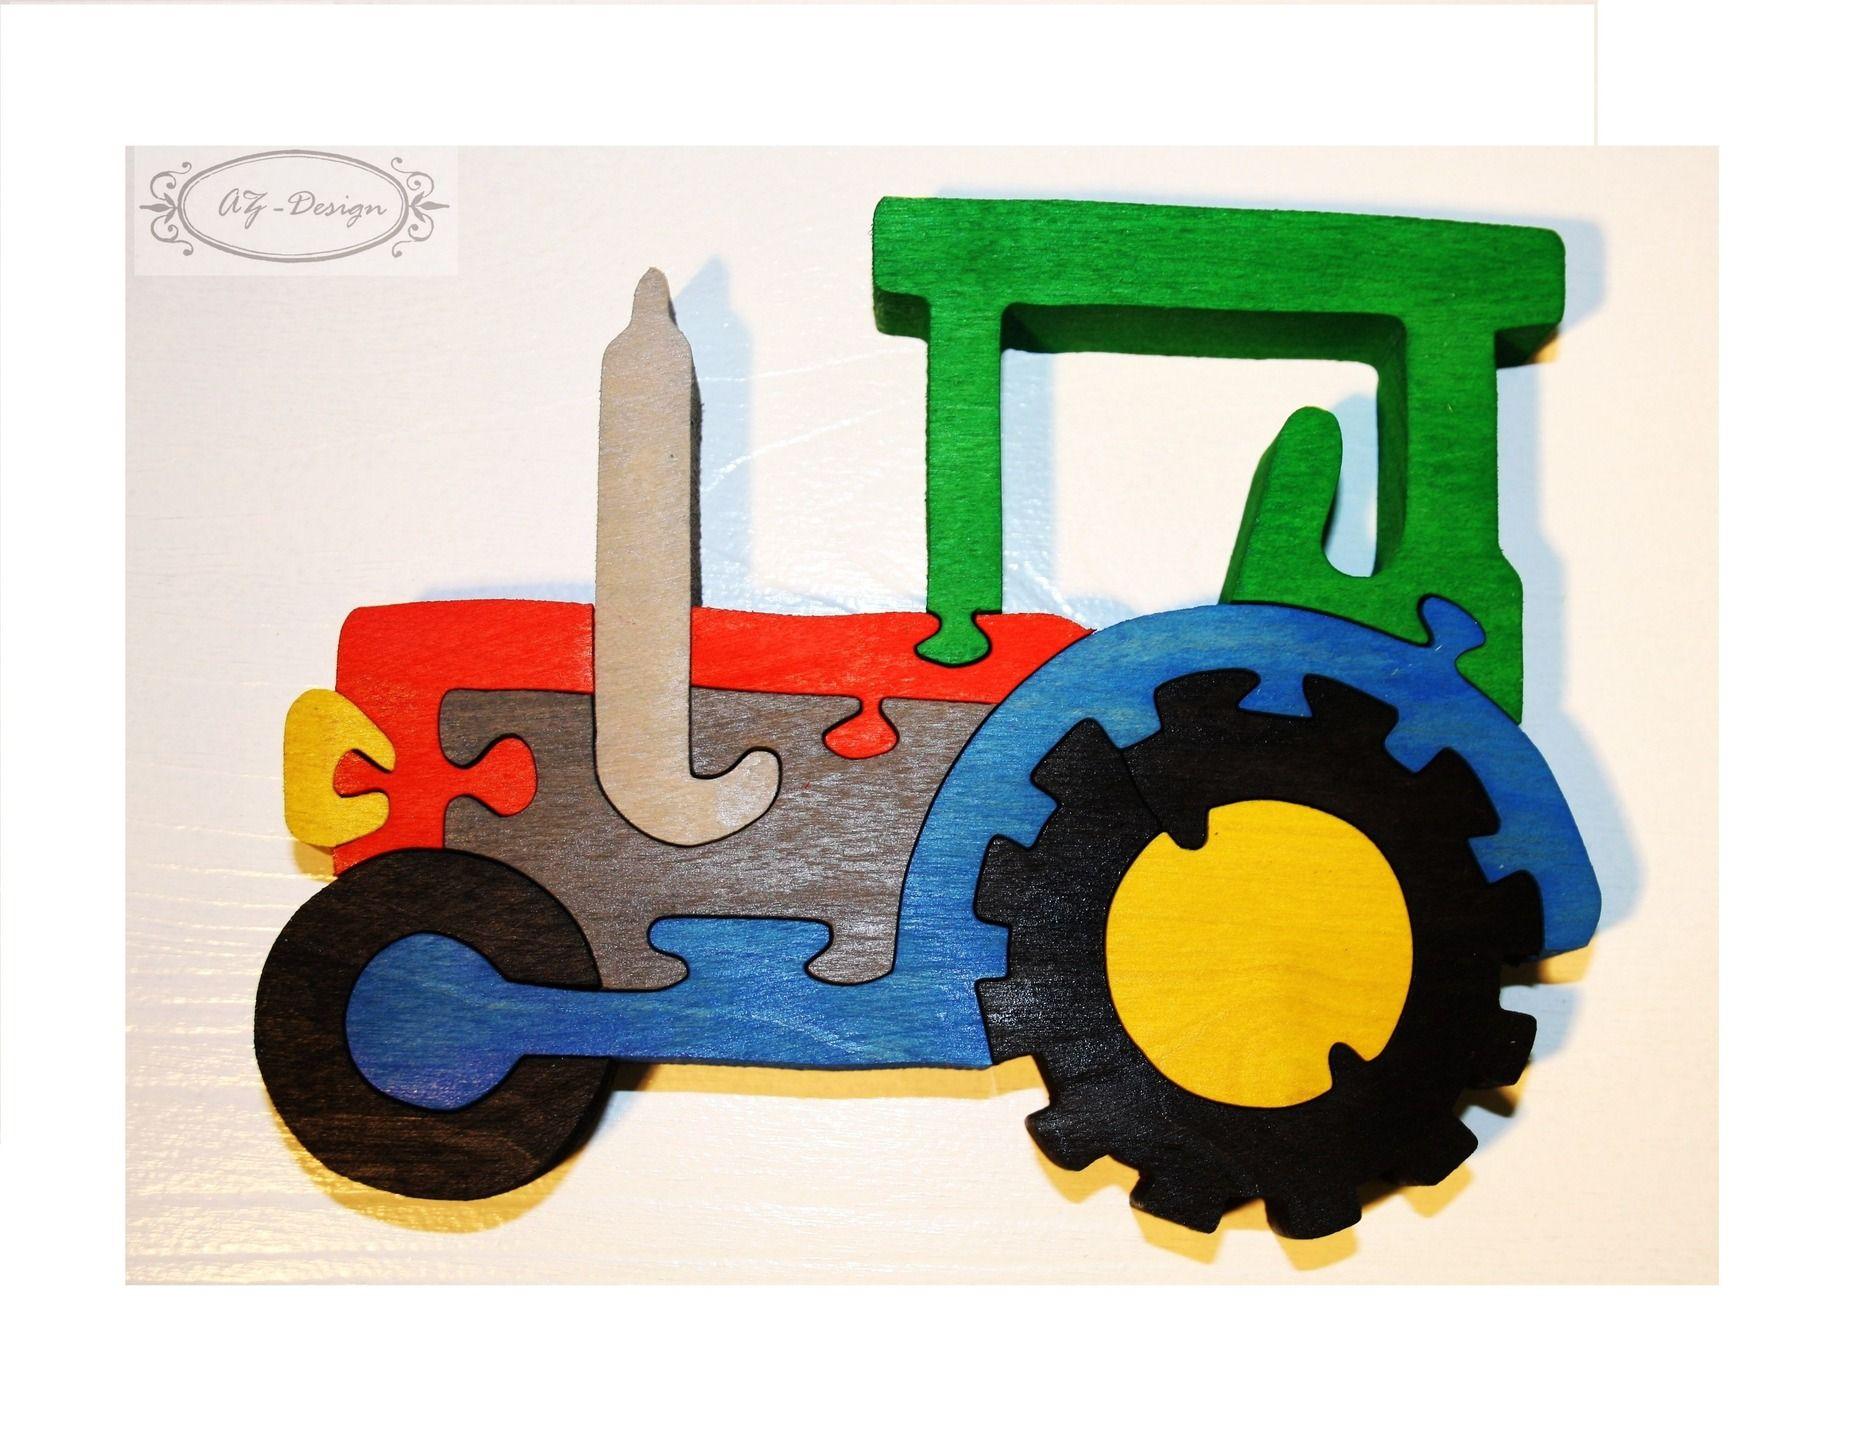 puzzle en bois tracteur voiture ferme village jouet enfant jeux jouets par az design. Black Bedroom Furniture Sets. Home Design Ideas